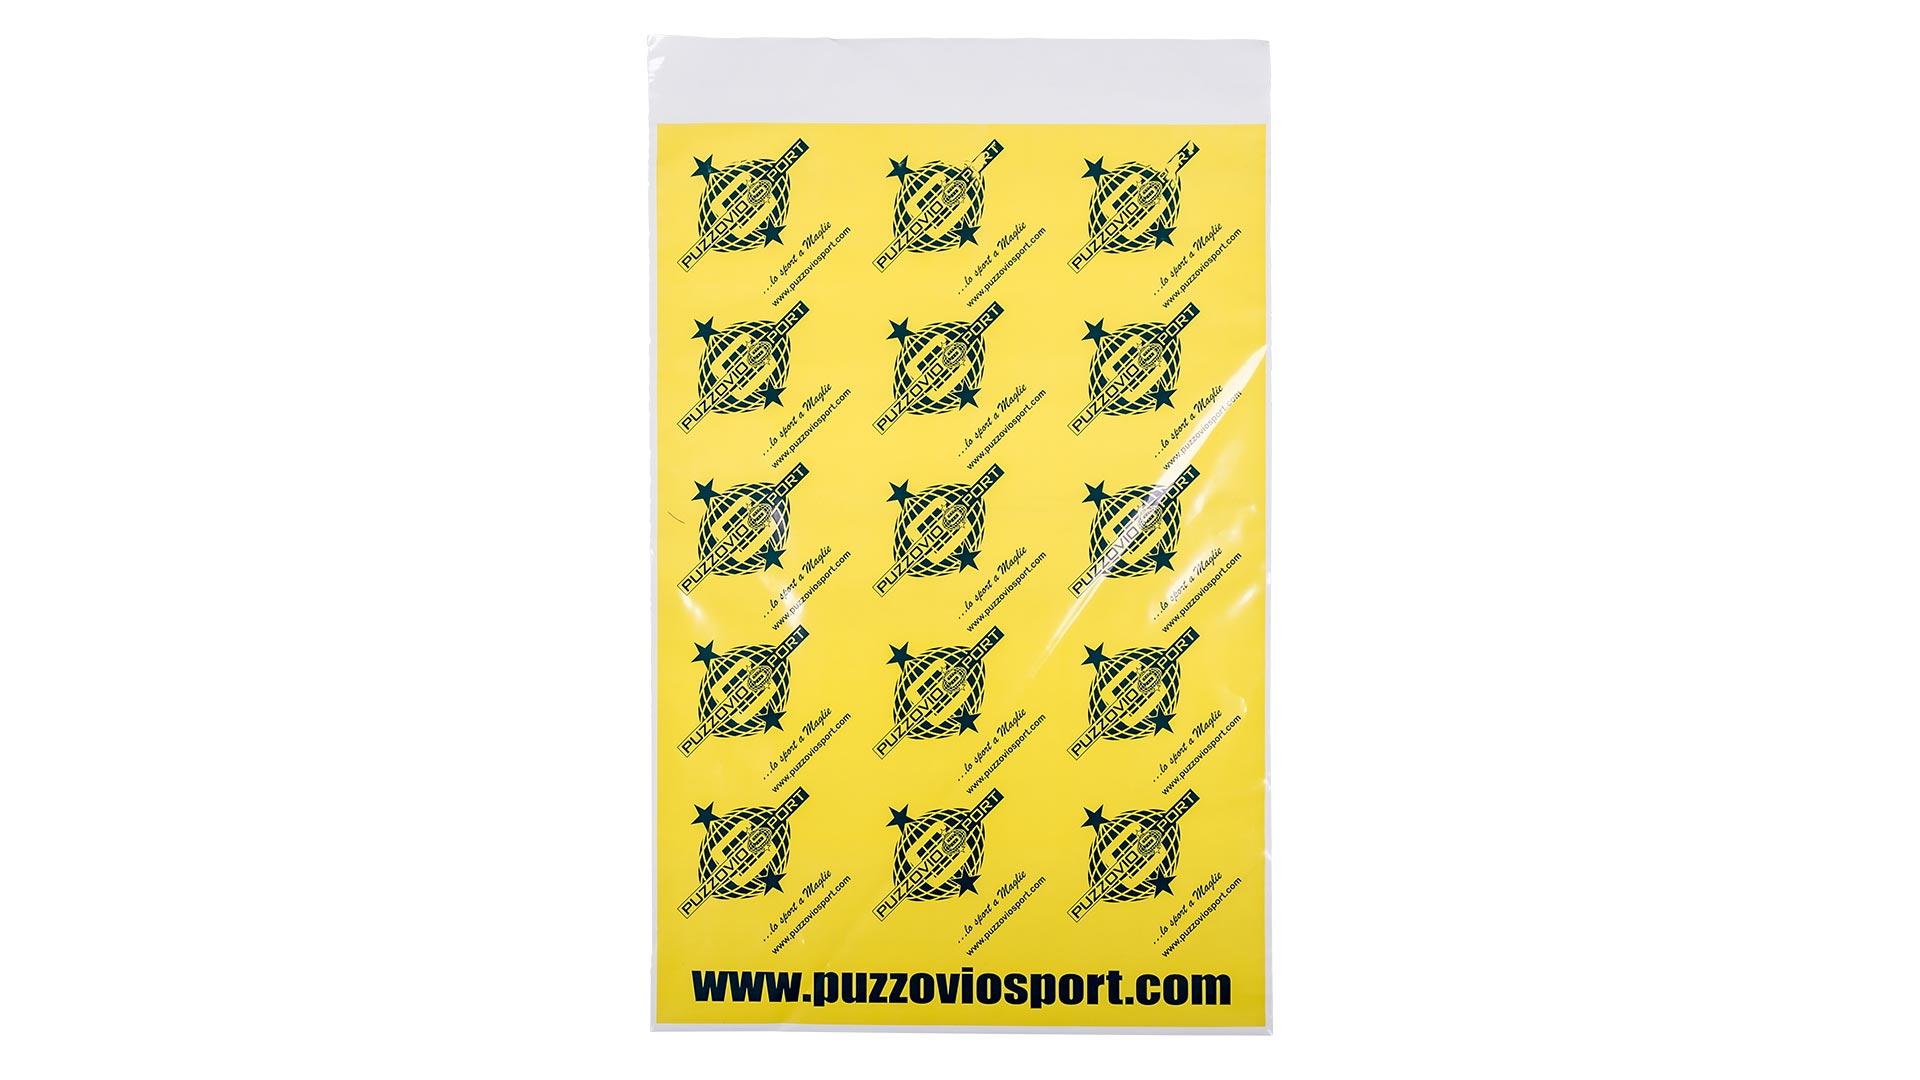 busta in plastica gialla con disegni